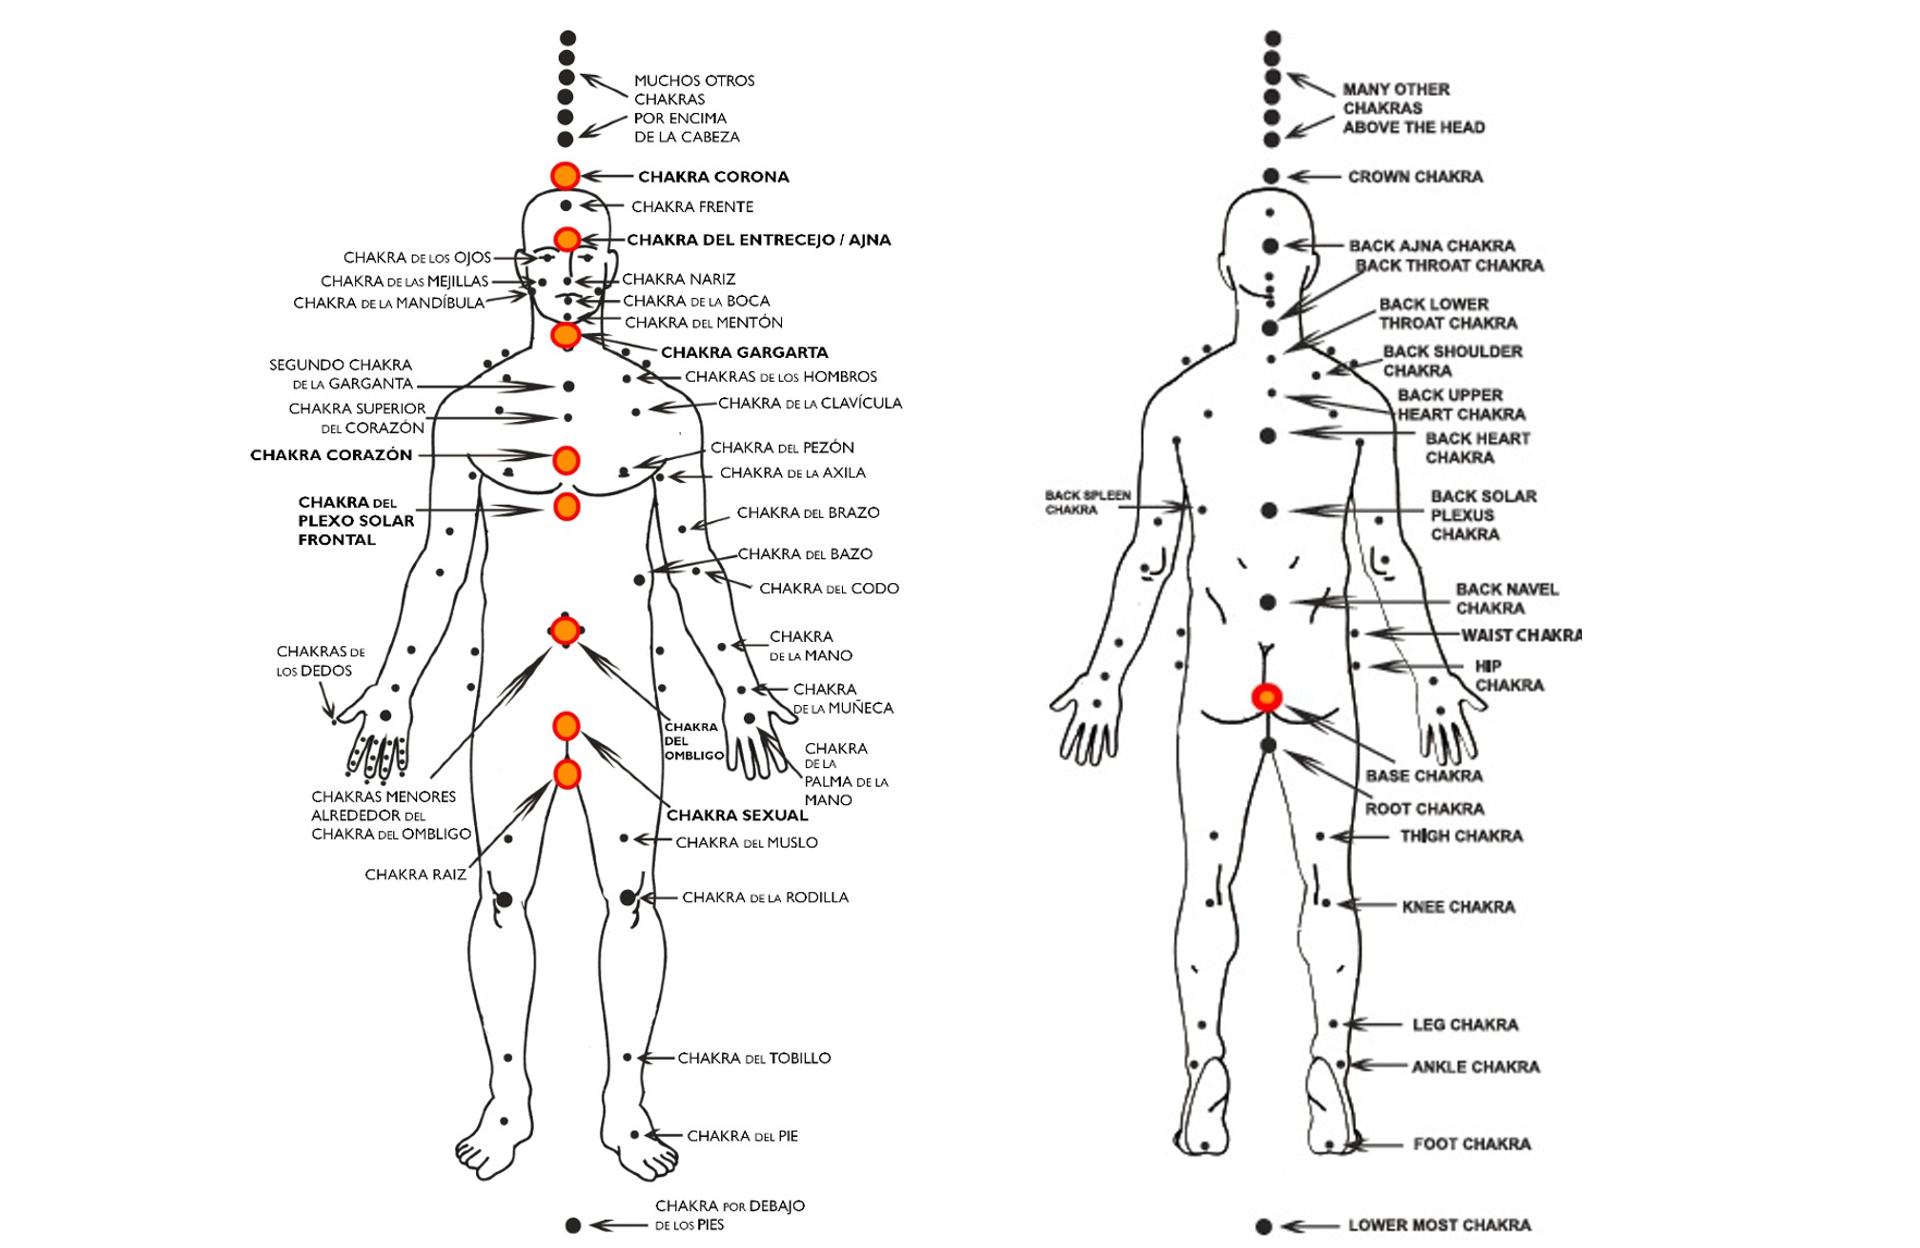 sistema de chakras